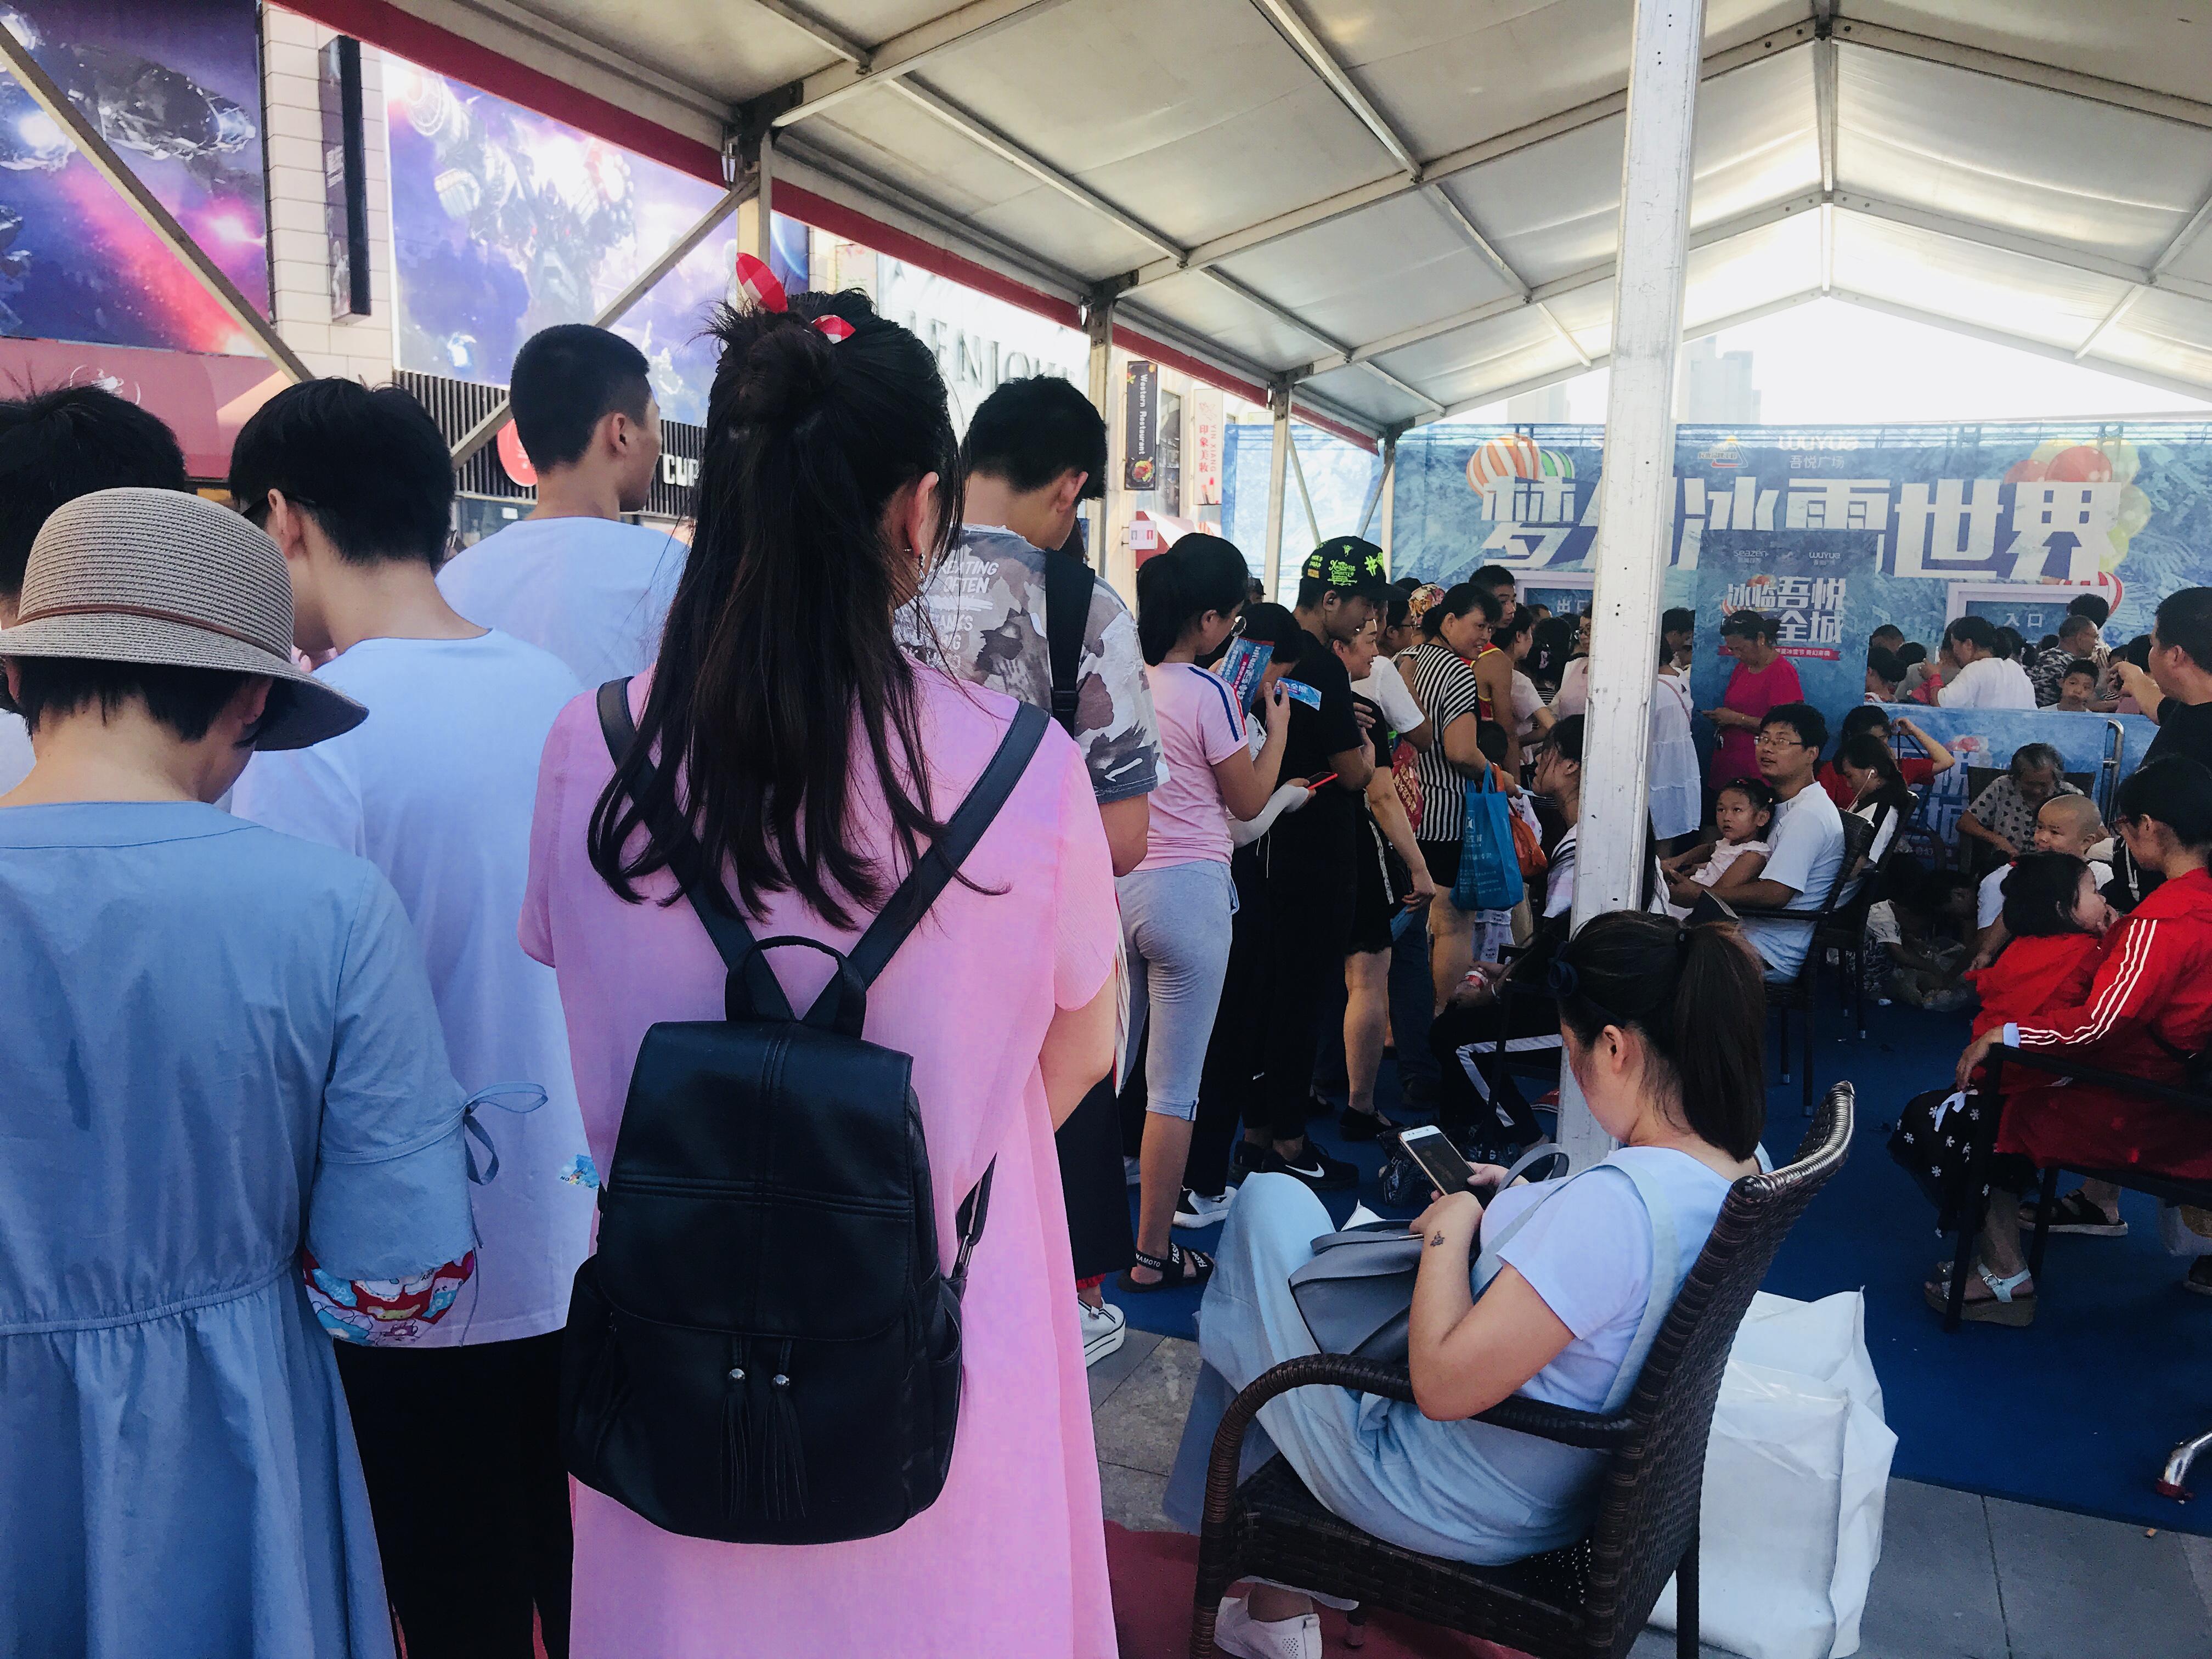 吾悦冰雪节现场入场队伍排成长队图片